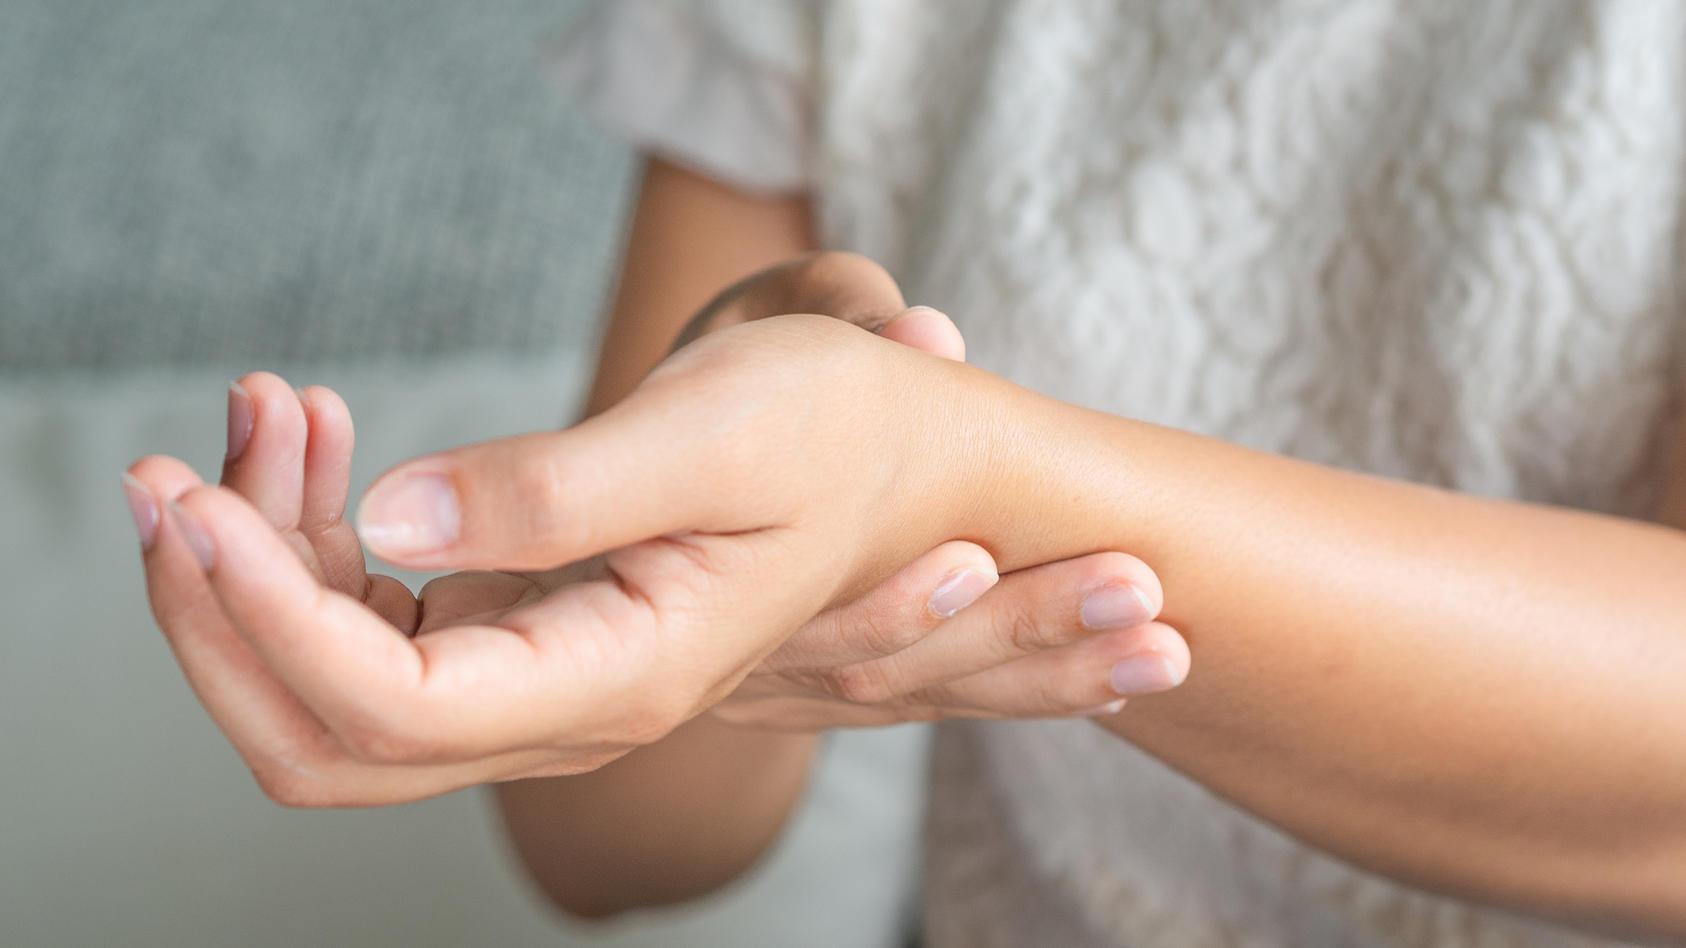 Rheuma sorgt für Bewegungseinschränkungen bei Erkrankten.